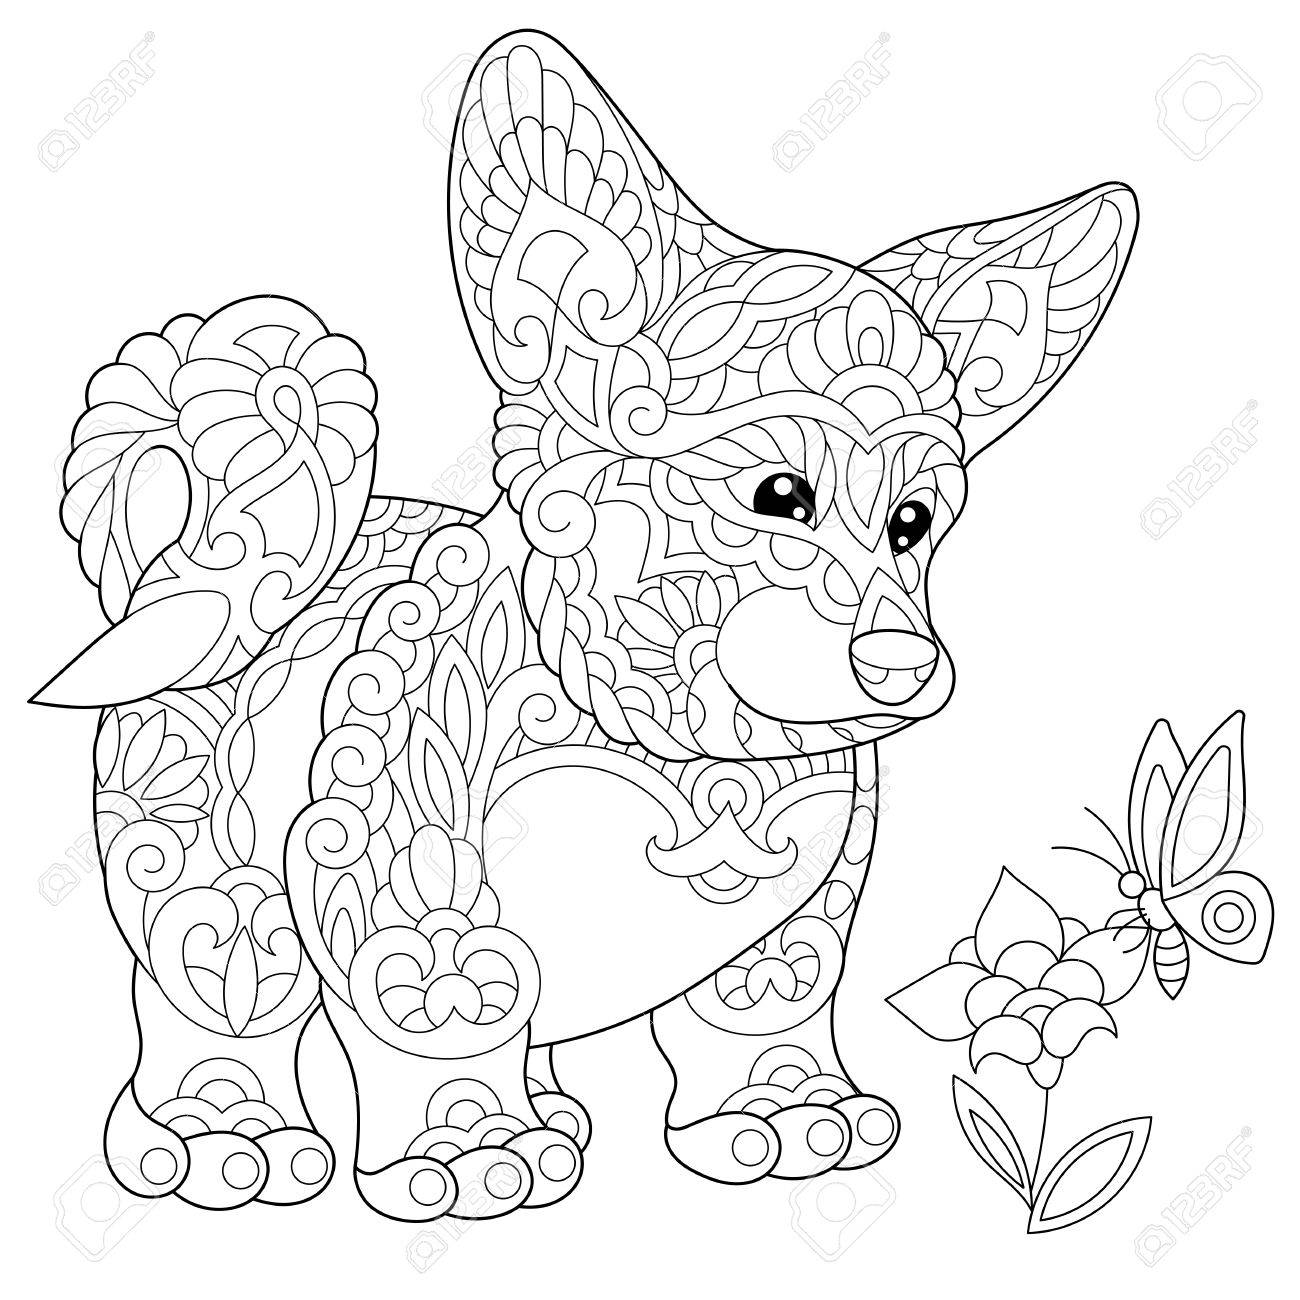 Kleurplaten Voor Volwassenen Honden.Beste Van Kleurplaten Voor Volwassenen Honden Krijg